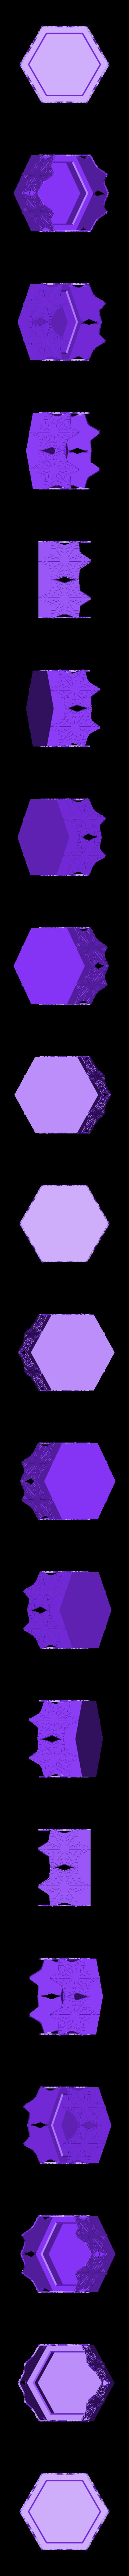 Hex_candle_holder.STL Télécharger fichier STL gratuit Bougeoir pour bougies en toile d'araignée hexagonale • Plan imprimable en 3D, Durbanarb